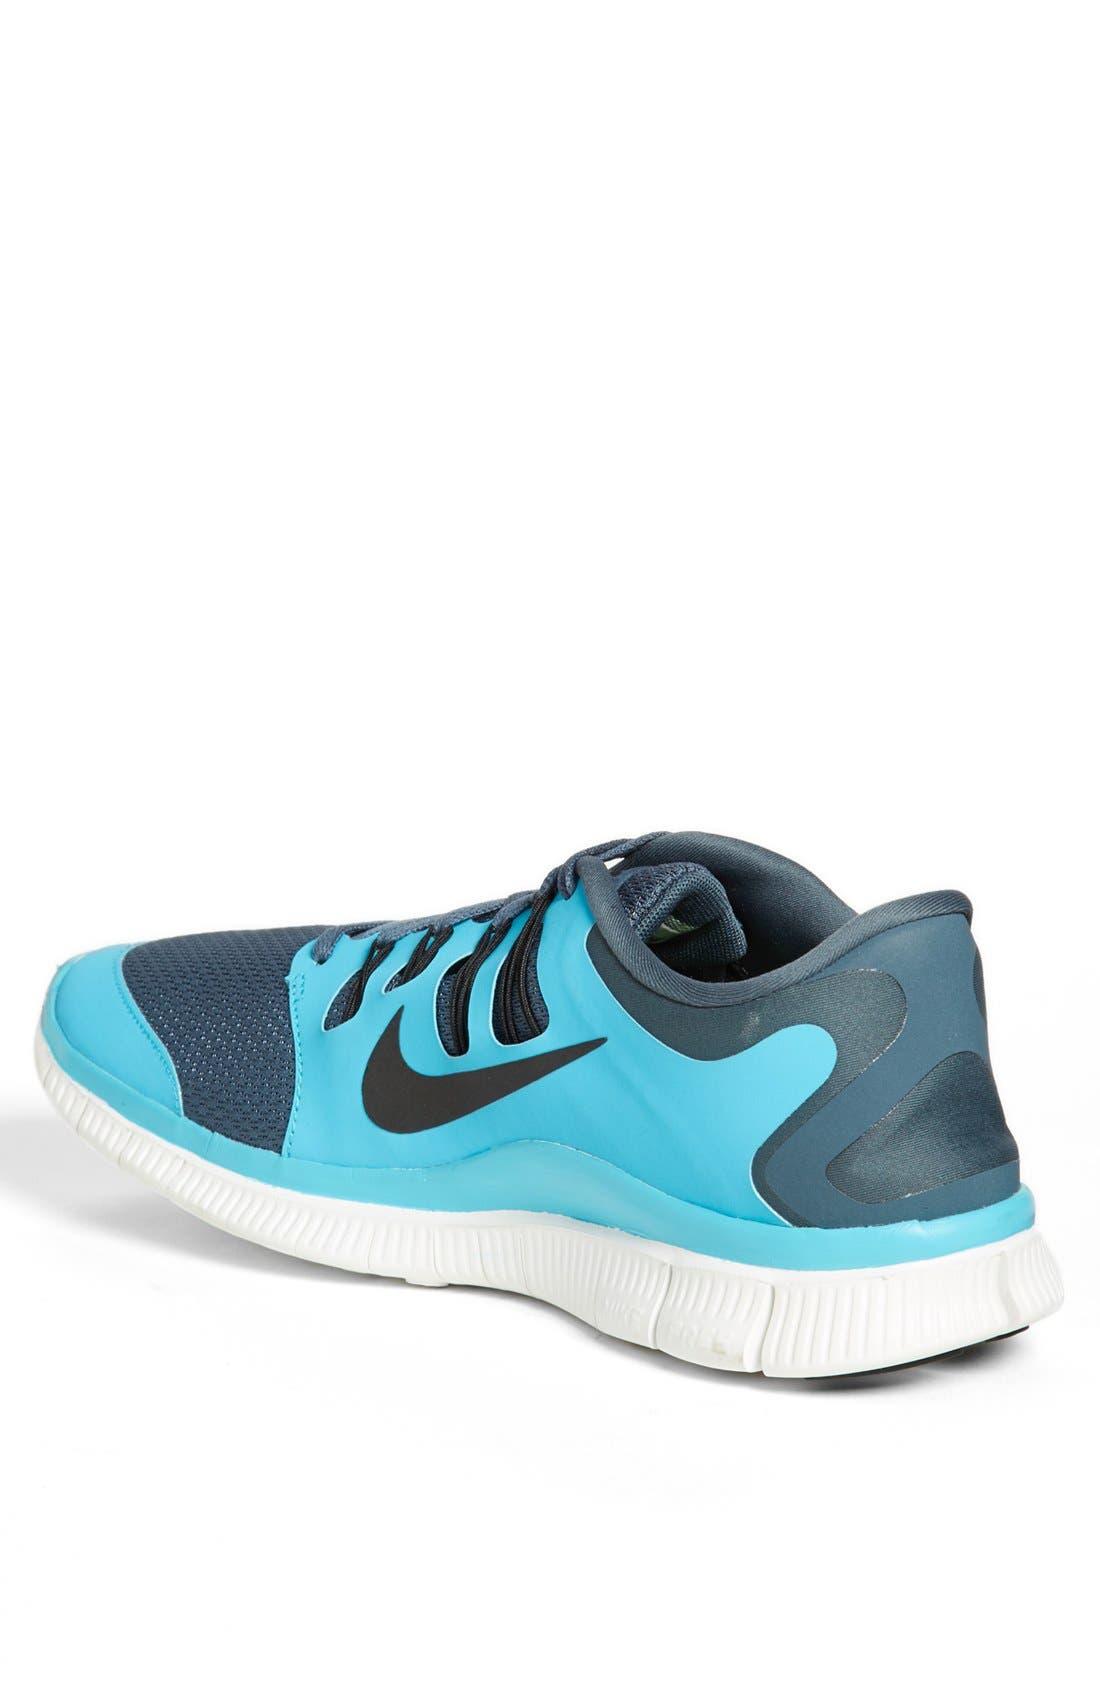 Alternate Image 2  - Nike 'Free 5.0+' Running Shoe (Men)